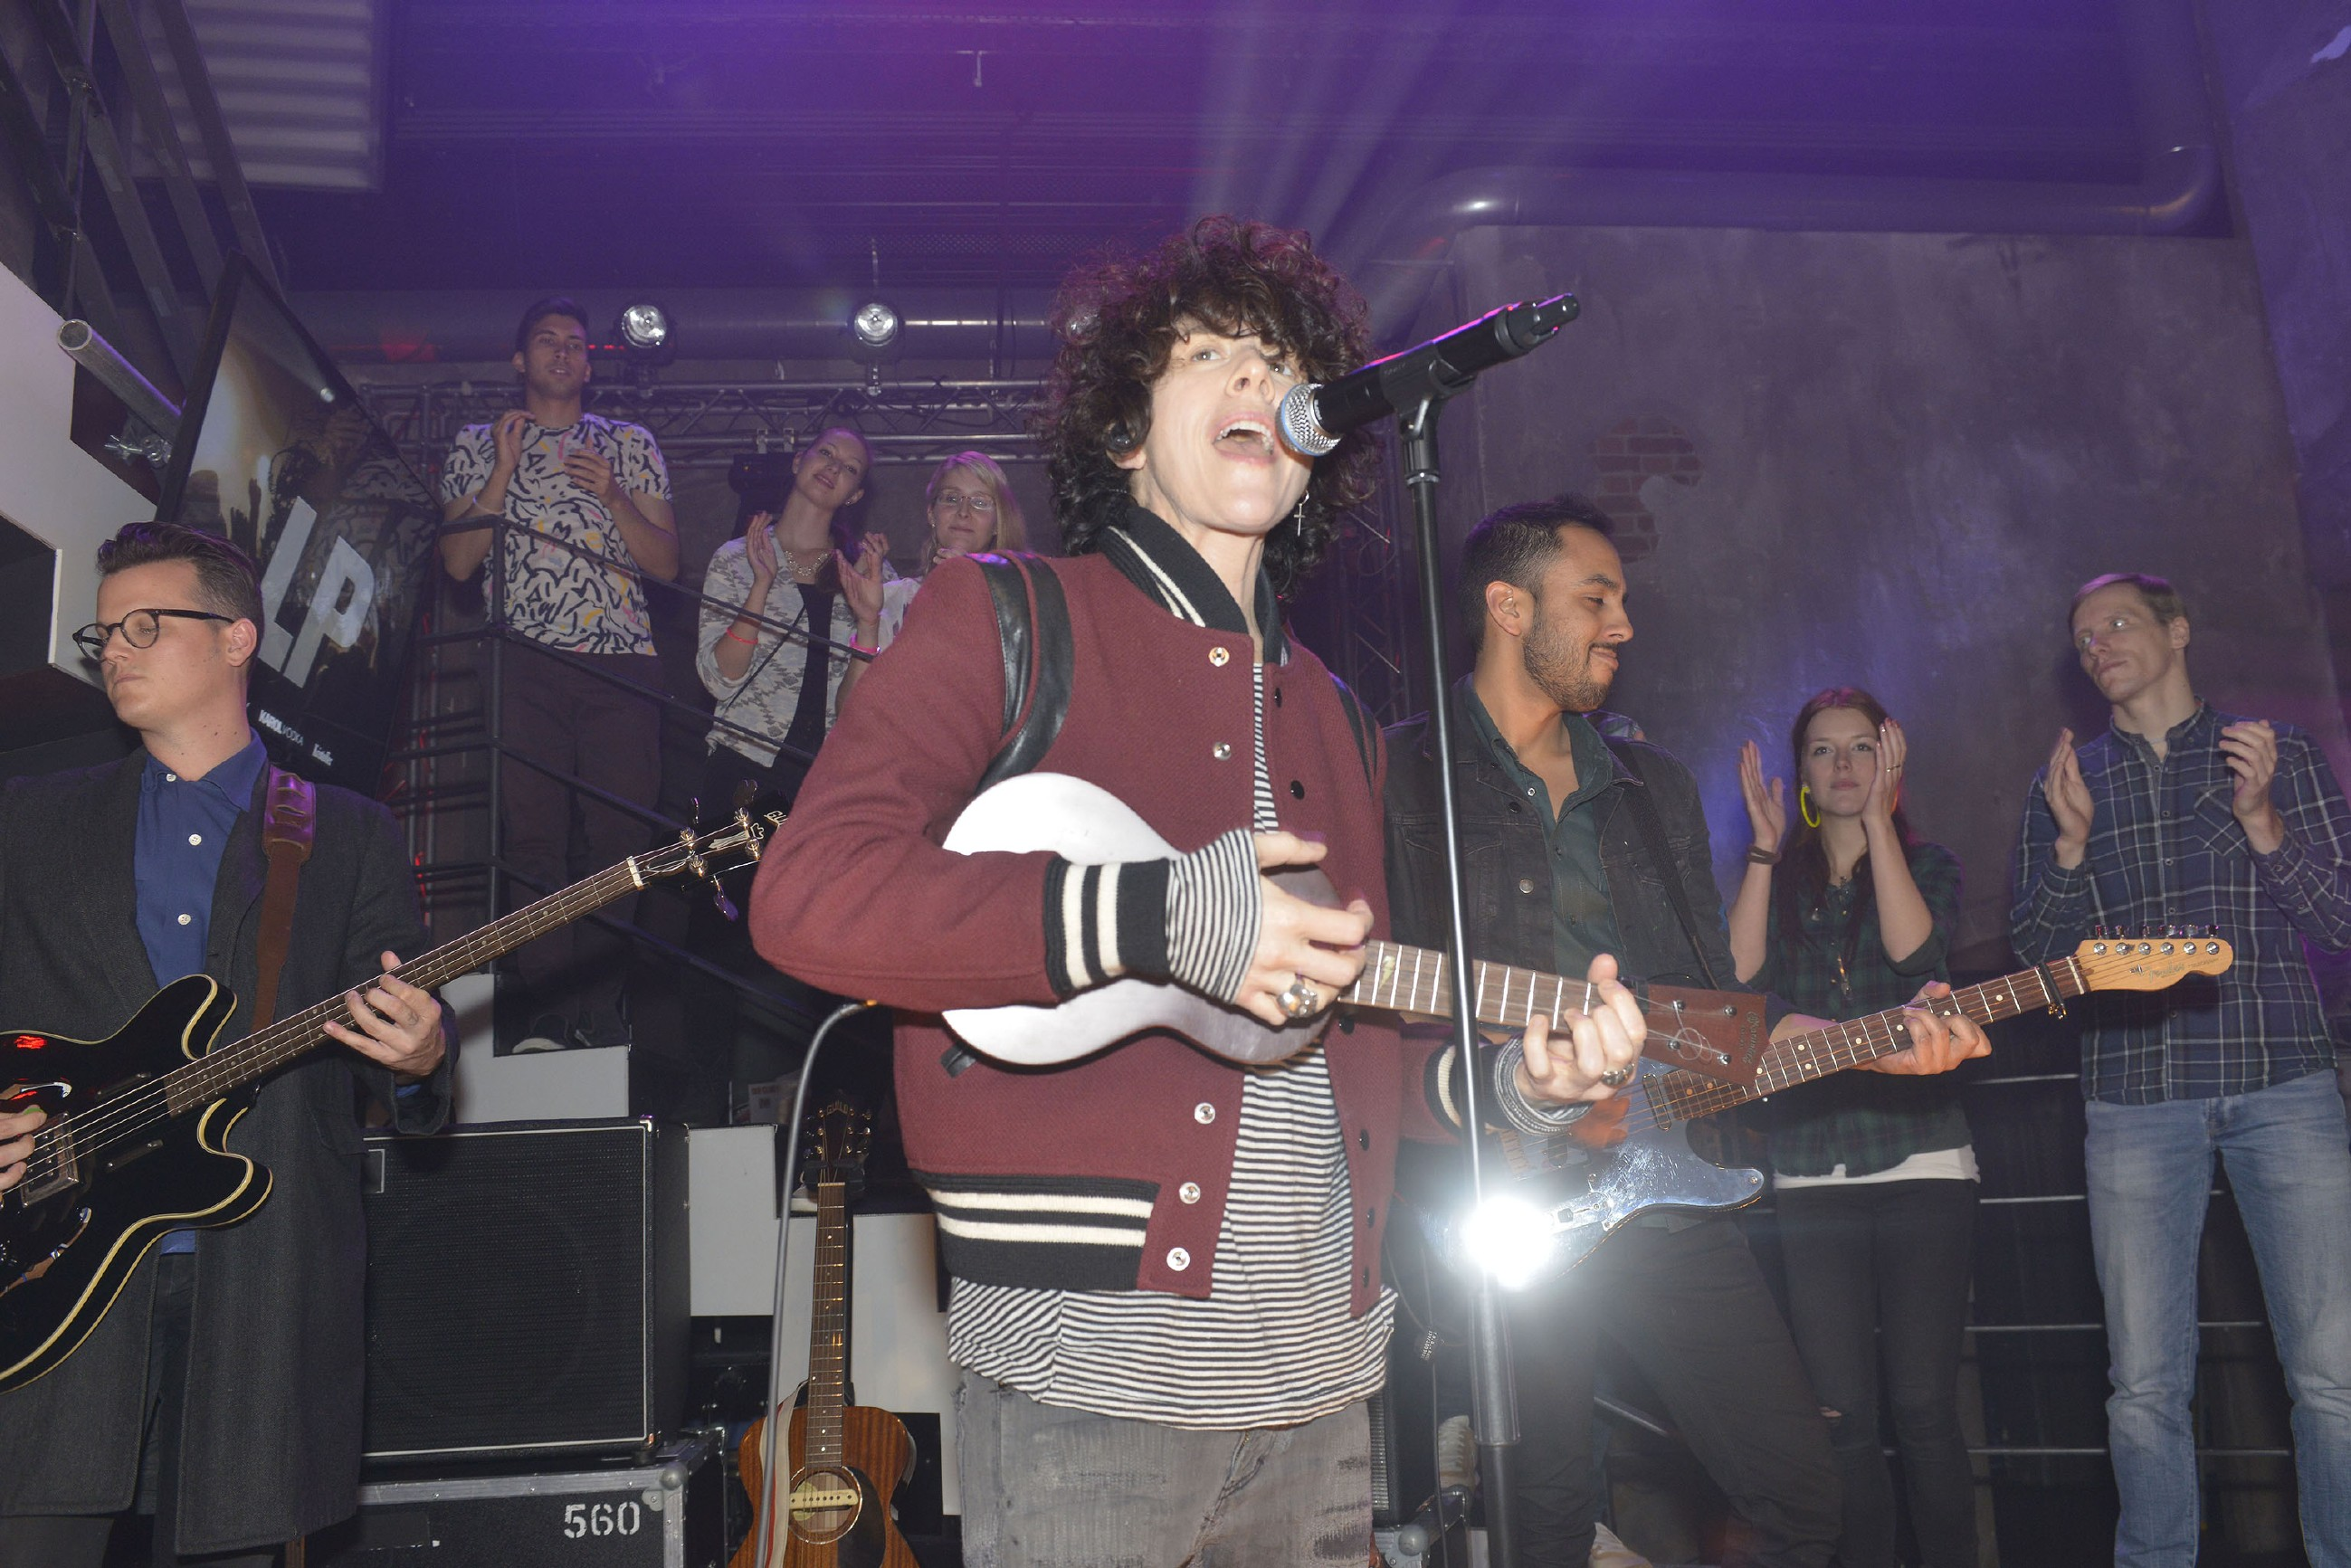 Die US-amerikanische Indie-Rock Sängerin LP gibt ein Konzert im Mauerwerk. (Quelle: RTL / Rolf Baumgartner)